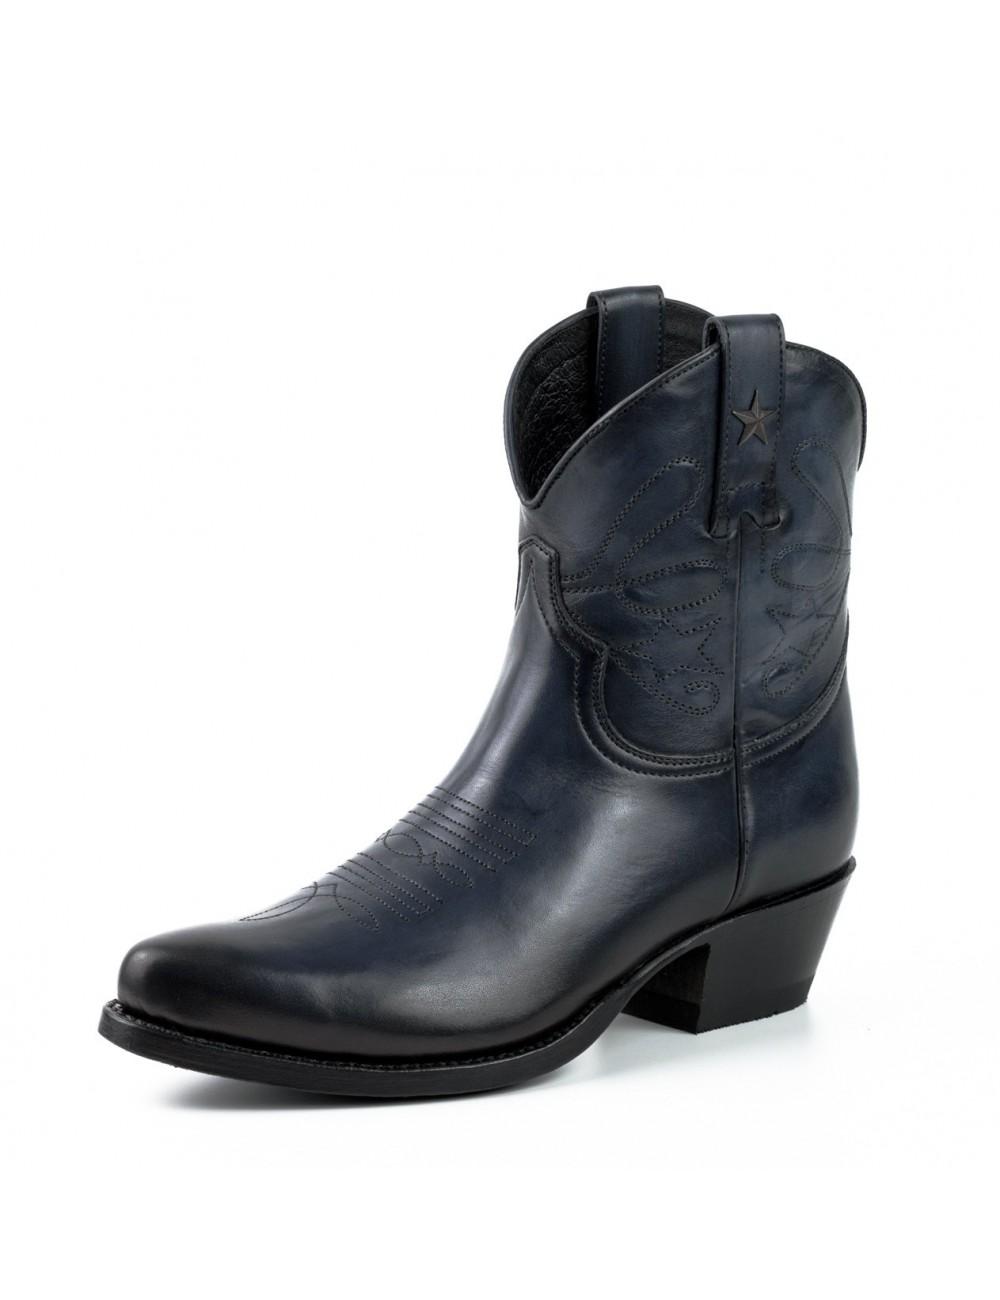 esthétique de luxe images détaillées Chaussures 2018 Boots cowboy femme bleu marine en cuir